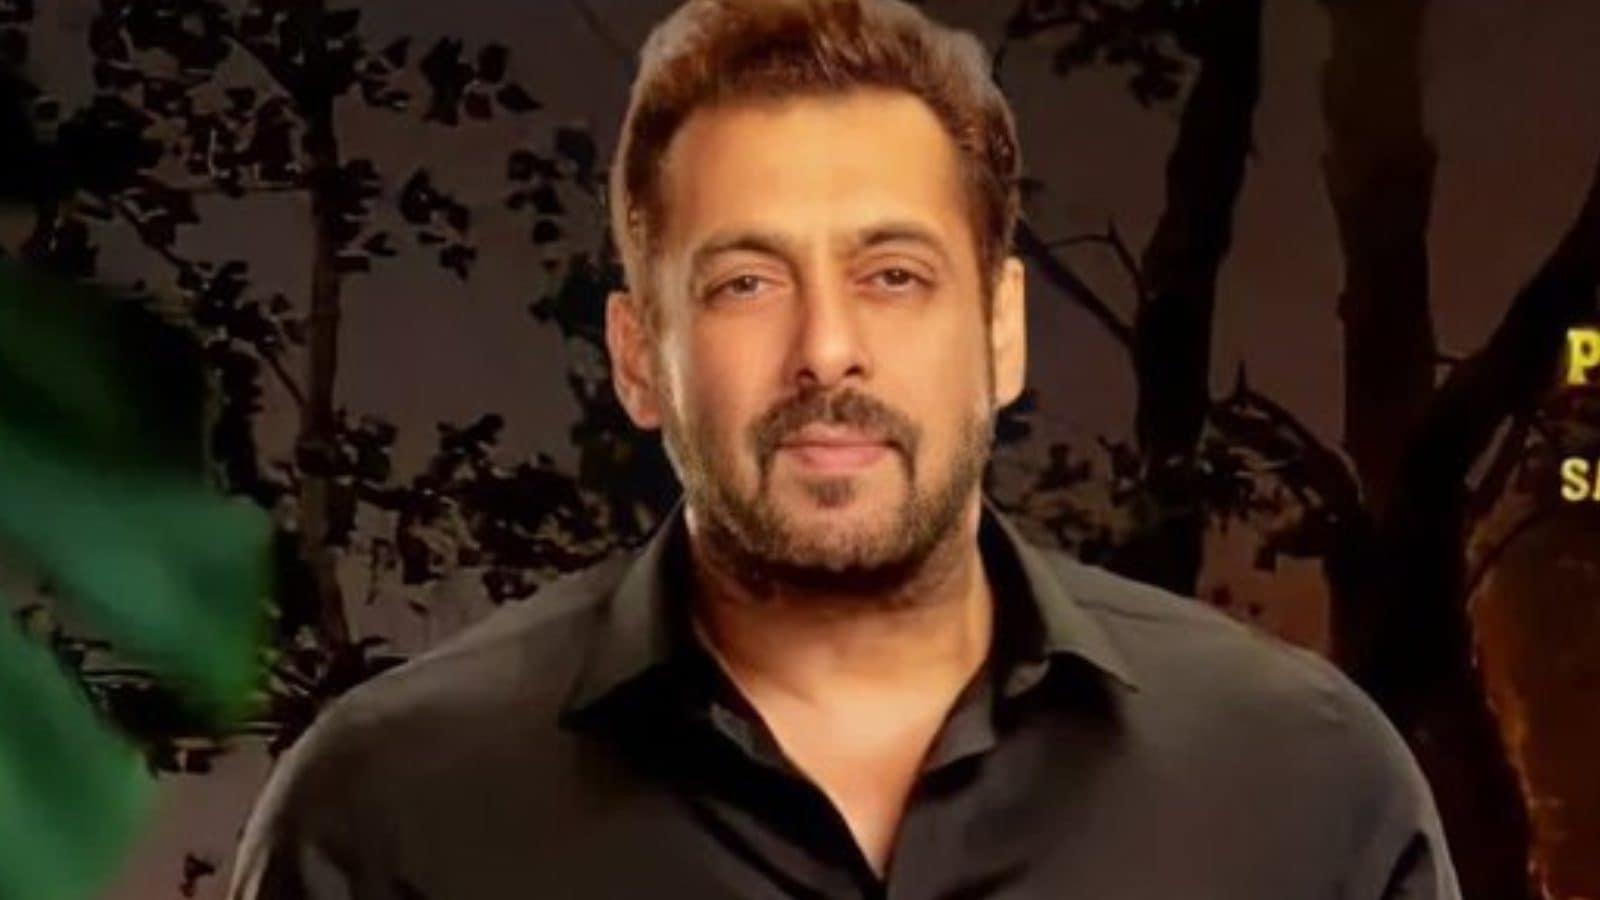 Salman Khan to Take Break from Tiger 3 Shoot, Return to India for Bigg Boss 15 Next Week